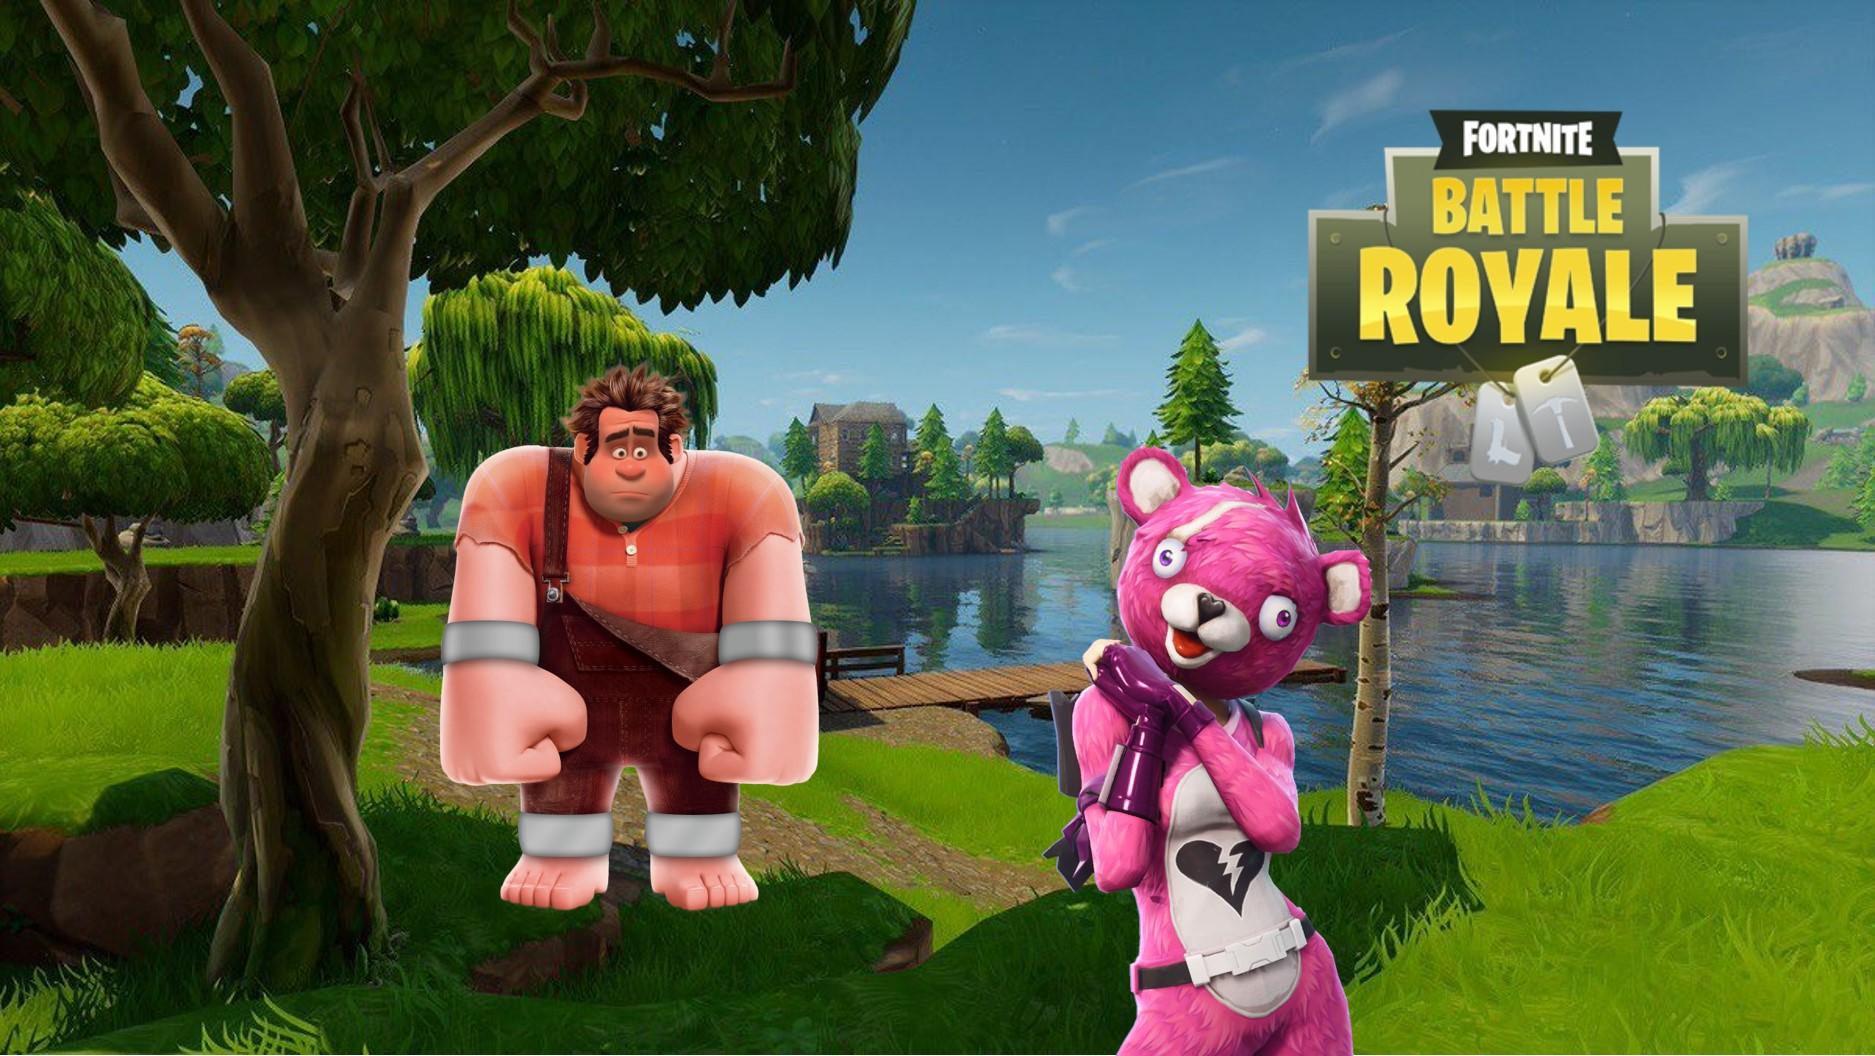 Ralph reicht es wohl bald auch in Fortnite: Battle Royale